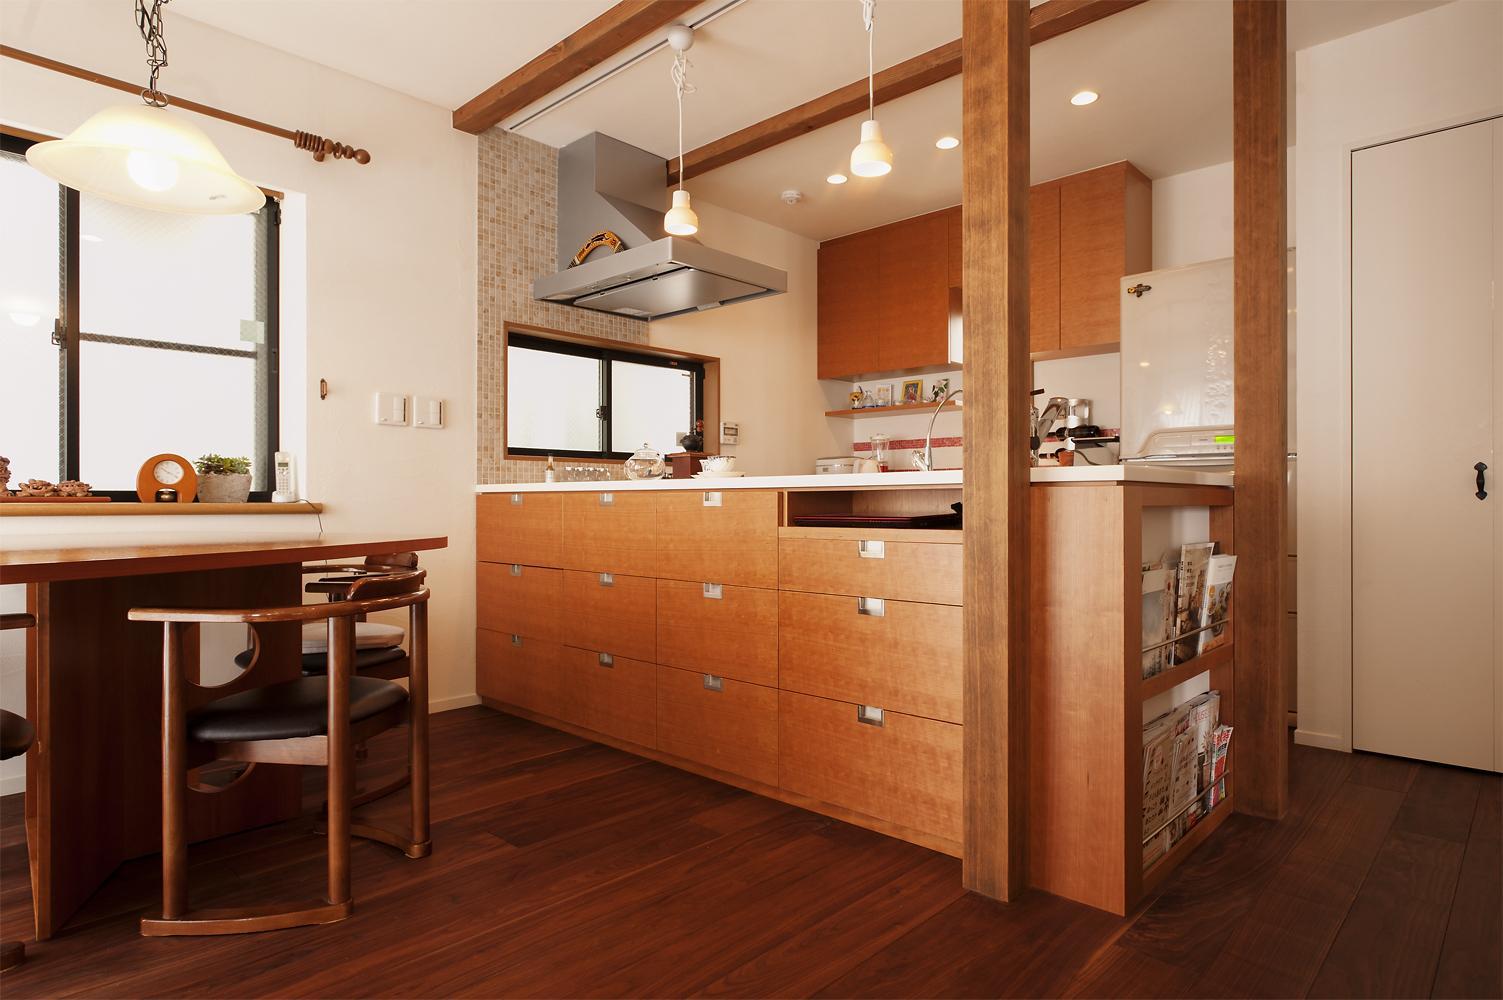 リノベーション・リフォーム会社:スタイル工房「S邸・家族の笑顔がつながるオープンキッチン」